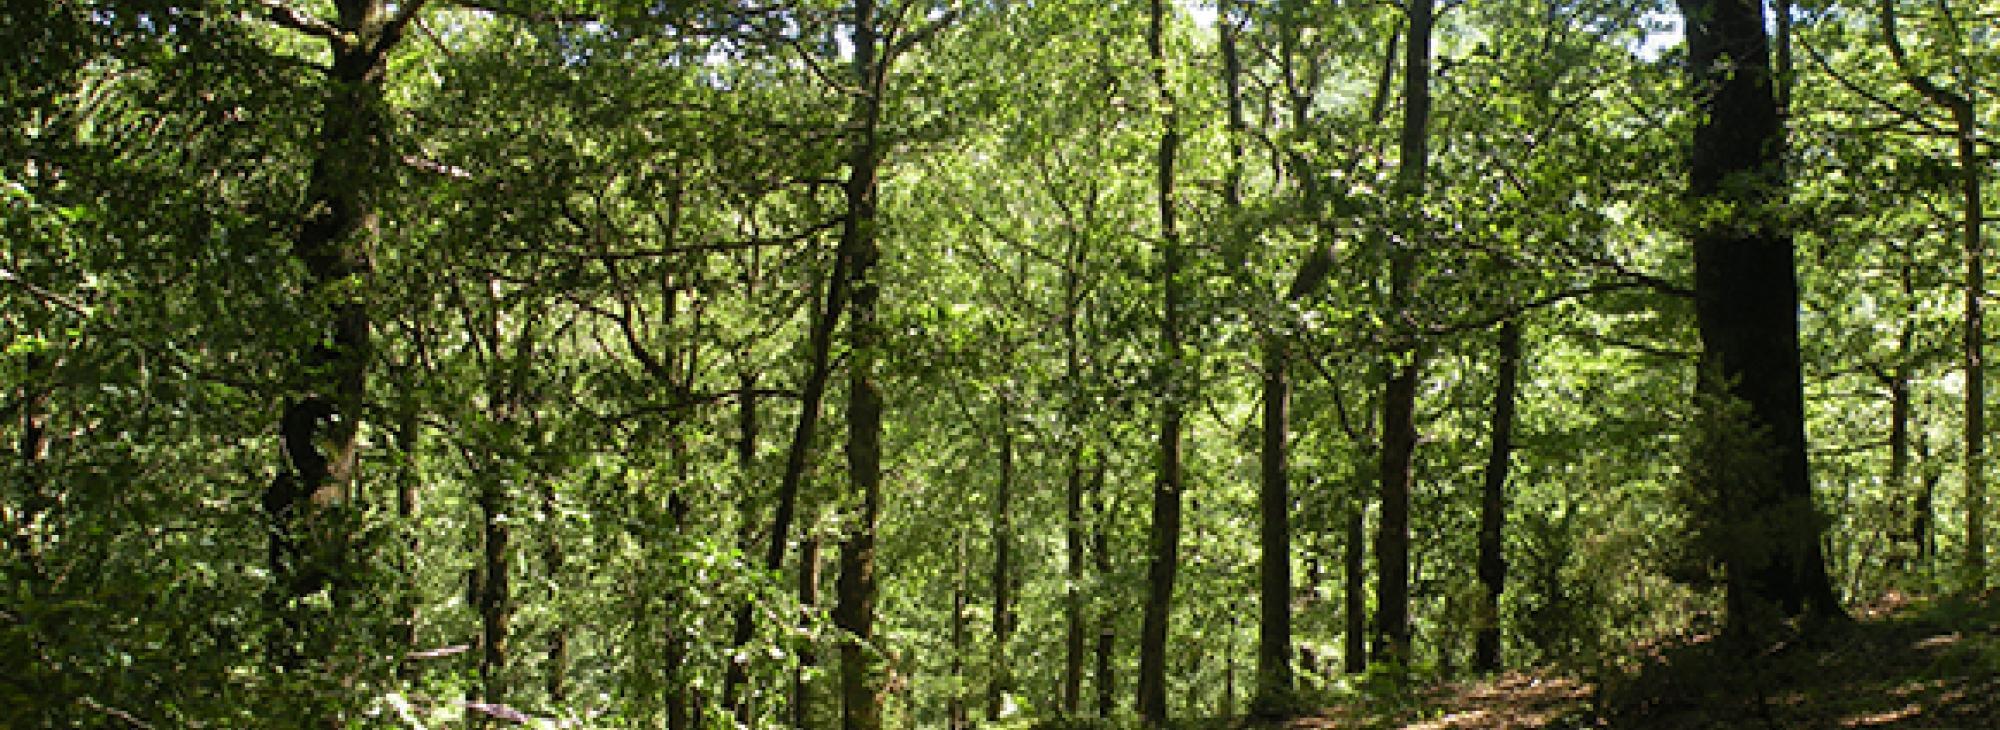 Indicadors de gestió forestal sostenible: aplicació i recerca